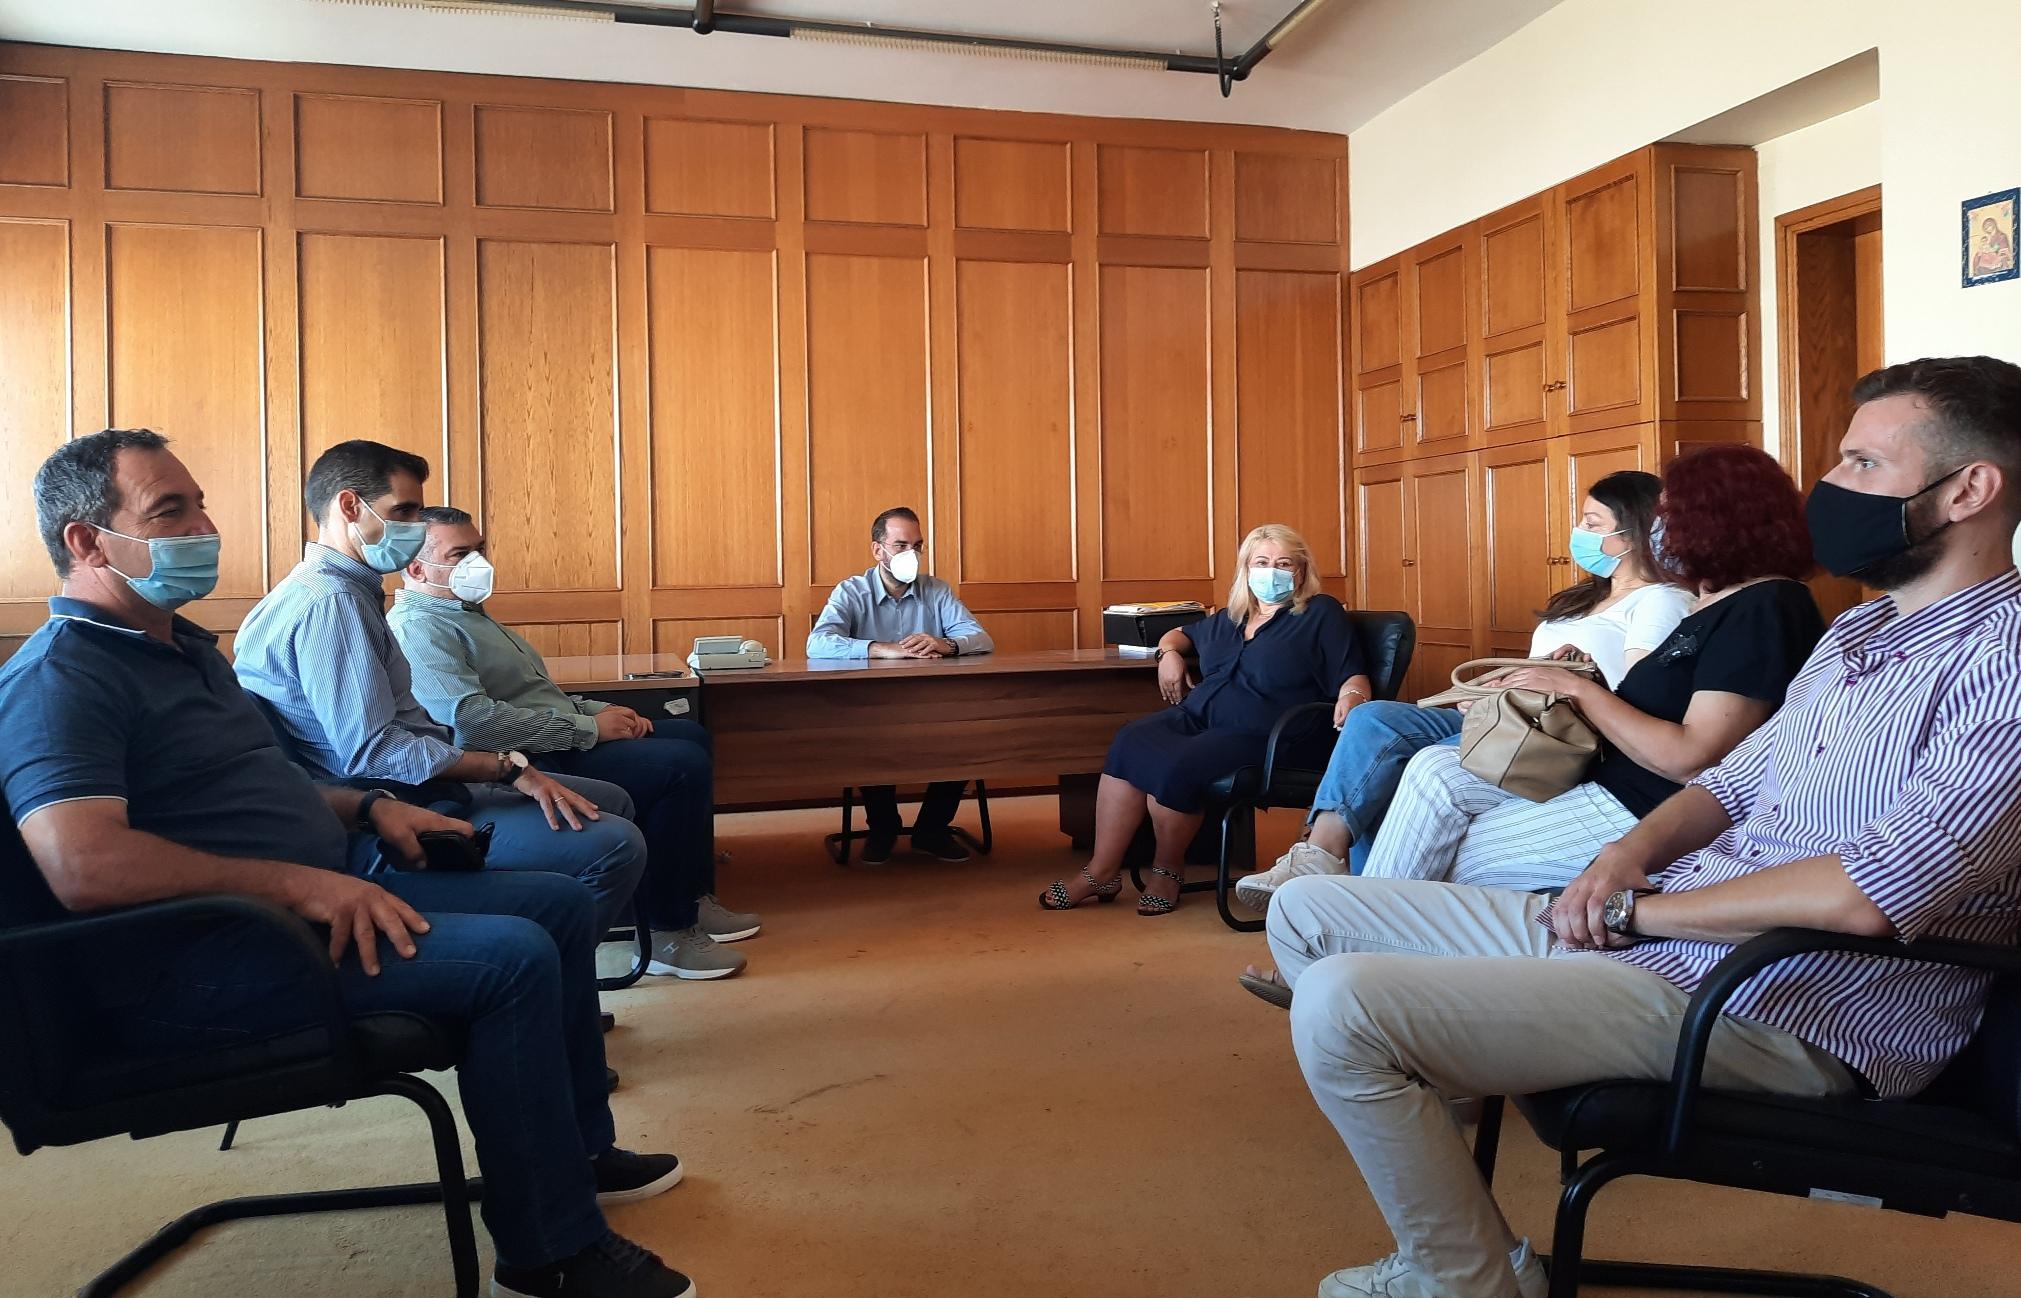 Π.Ε Ηλείας: Σημαντικές συσκέψεις και συναντήσεις από τον Περιφερειάρχη Δυτικής Ελλάδας Νεκτάριο Φαρμάκη που βρίσκεται για δεύτερη ημέρα στο Νομό (photos)